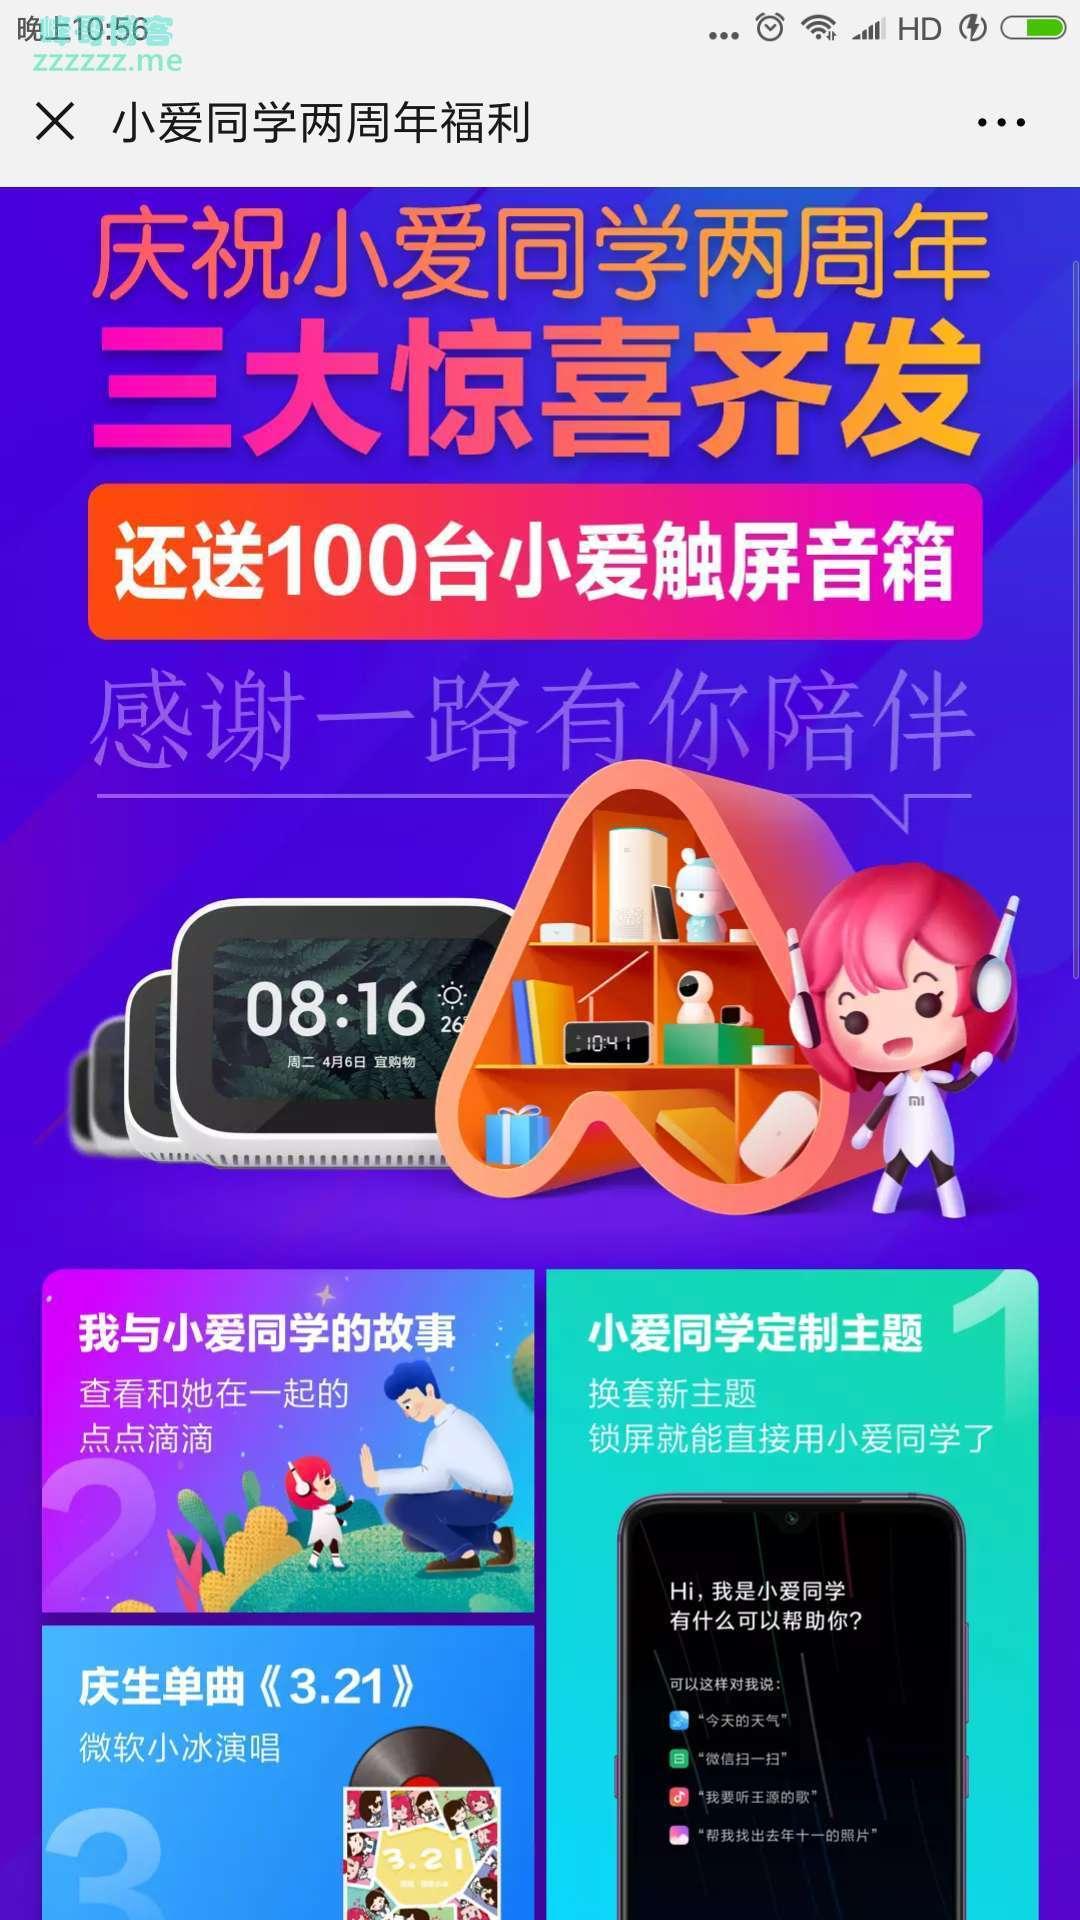 <小爱同学>两周年送100台音响(截至4月16日)